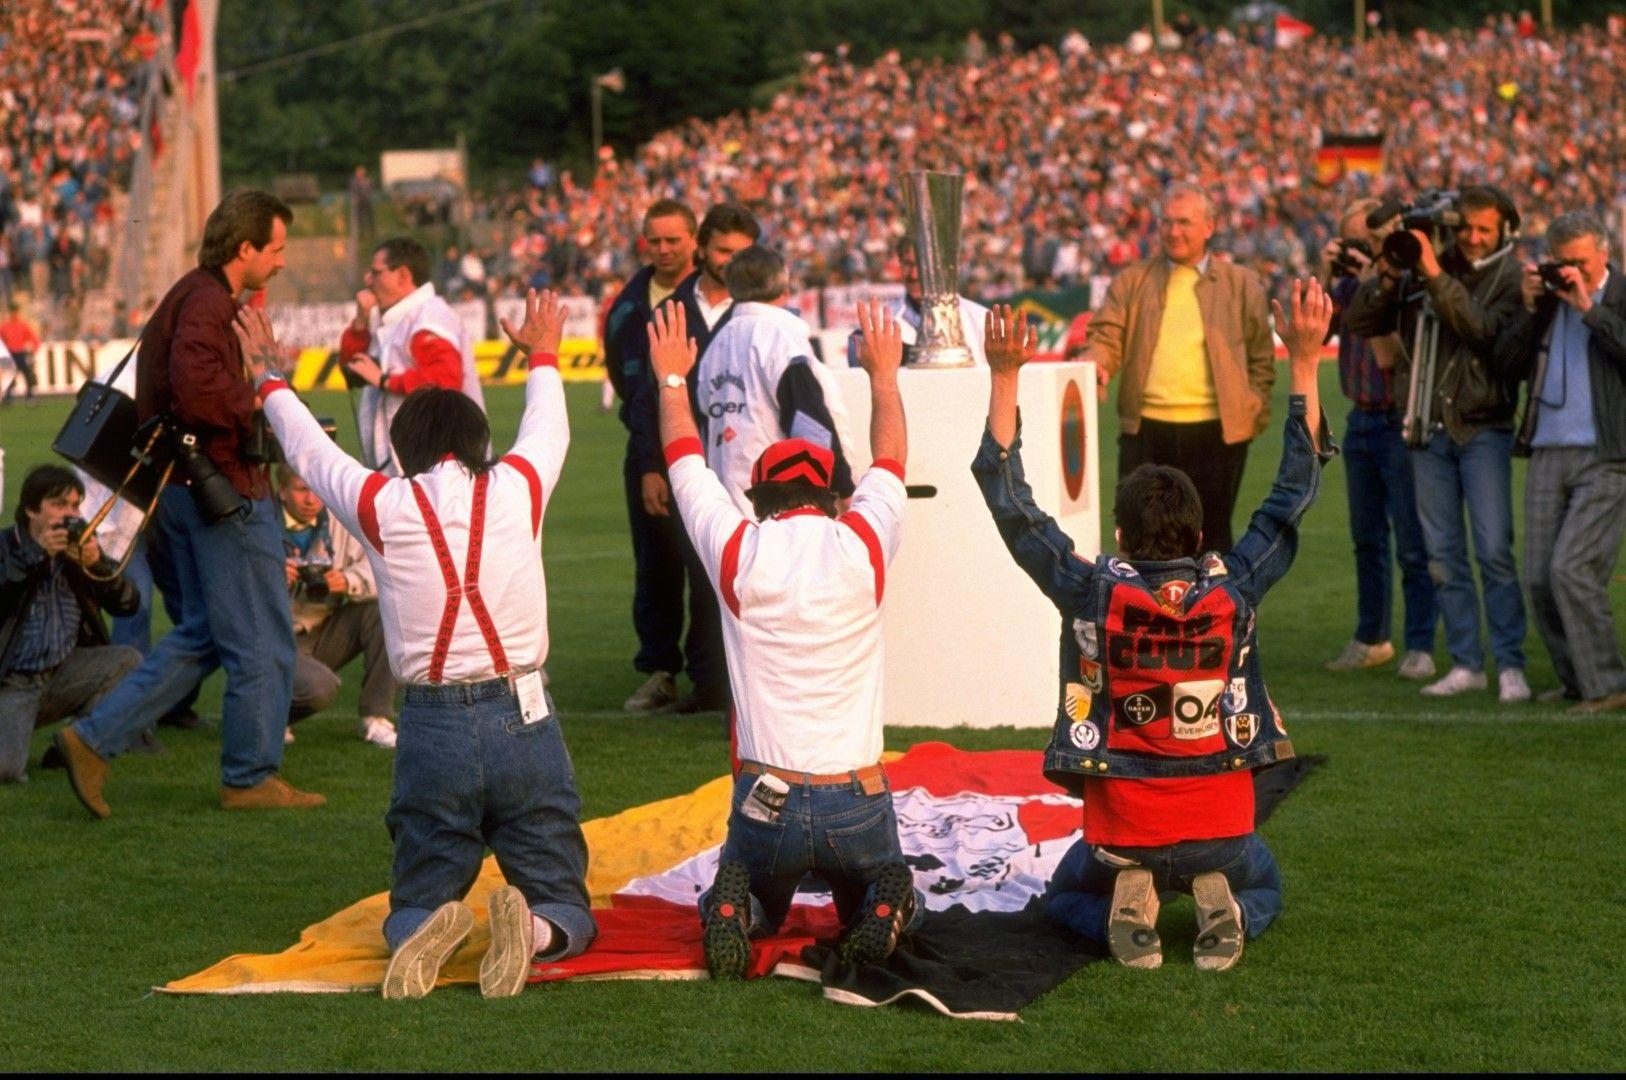 """Феновете на Байер Леверкузен са нахлули на терена и """"славят"""" купата, която е за техния тим след паметен обрат срещу Еспаньол във финала от 1988 г."""